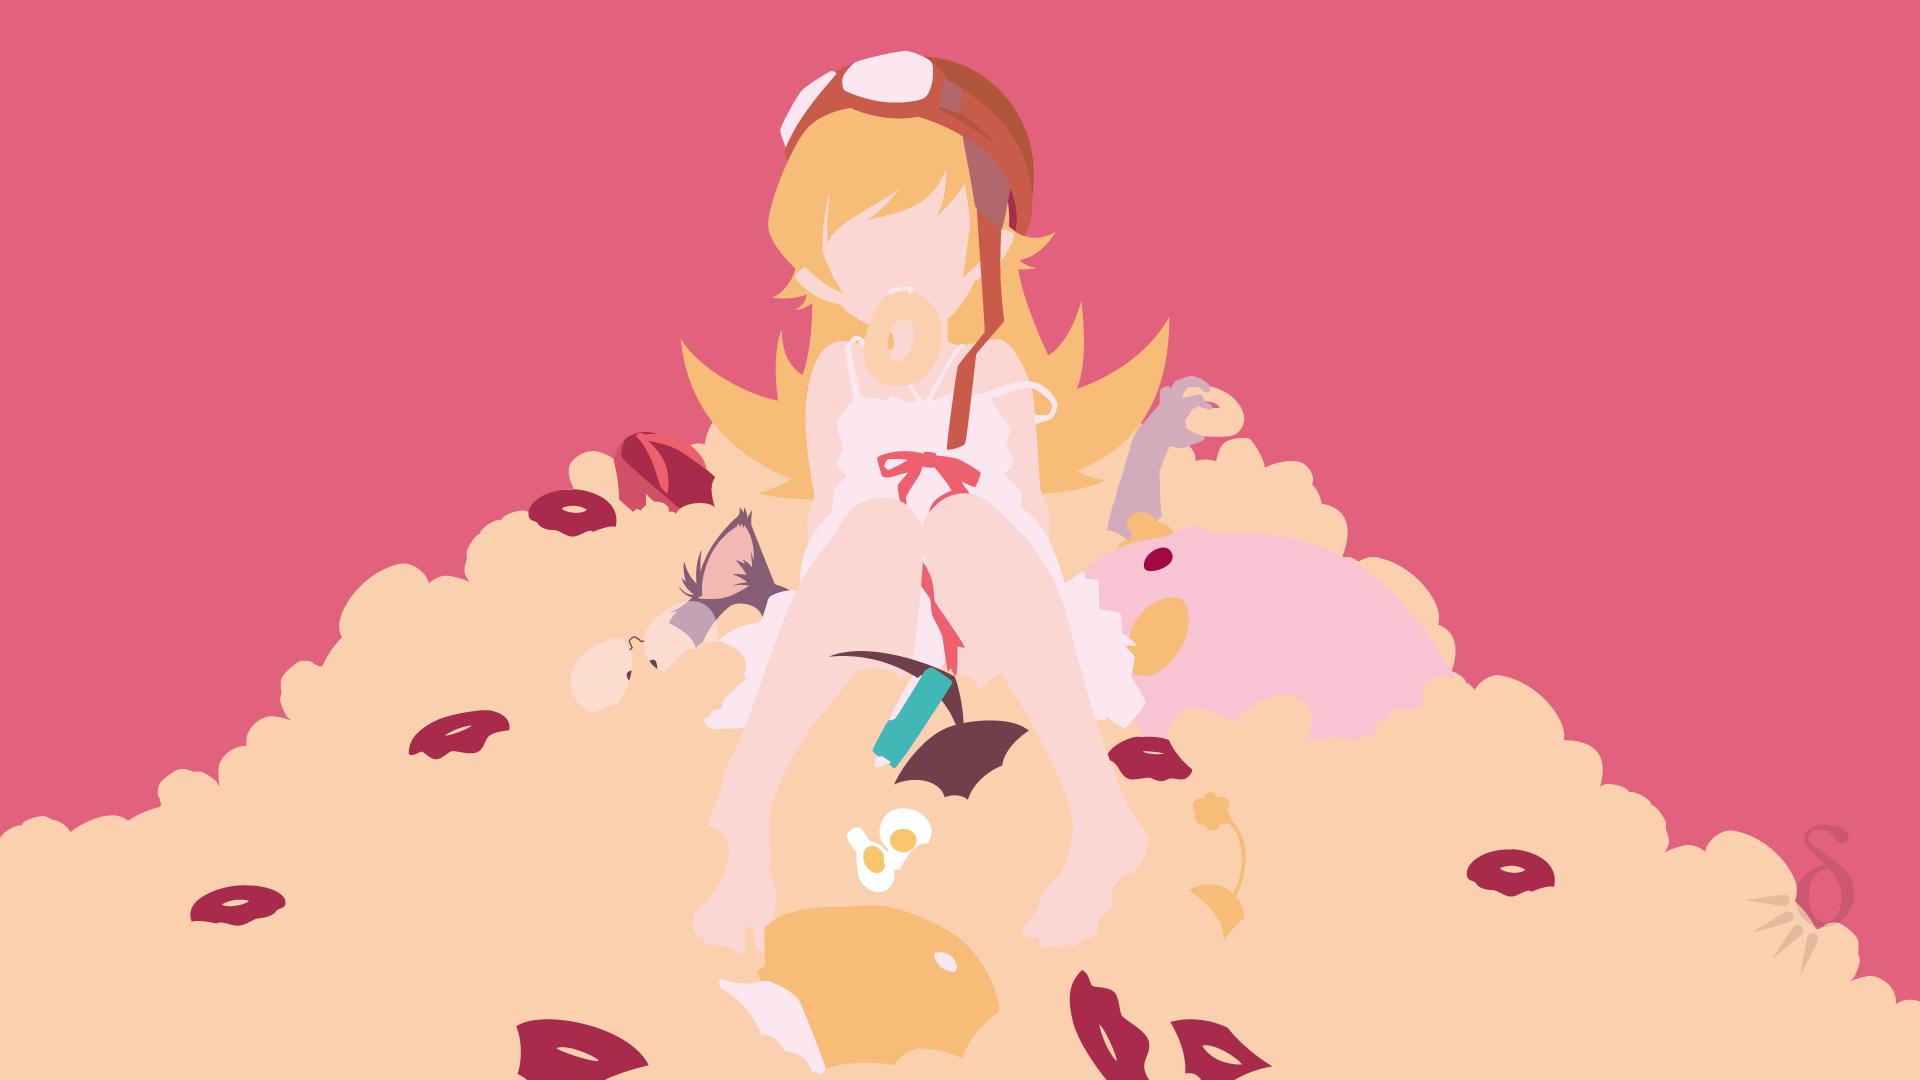 デスクトップ壁紙 図 物語シリーズ アニメの女の子 忍野忍 漫画